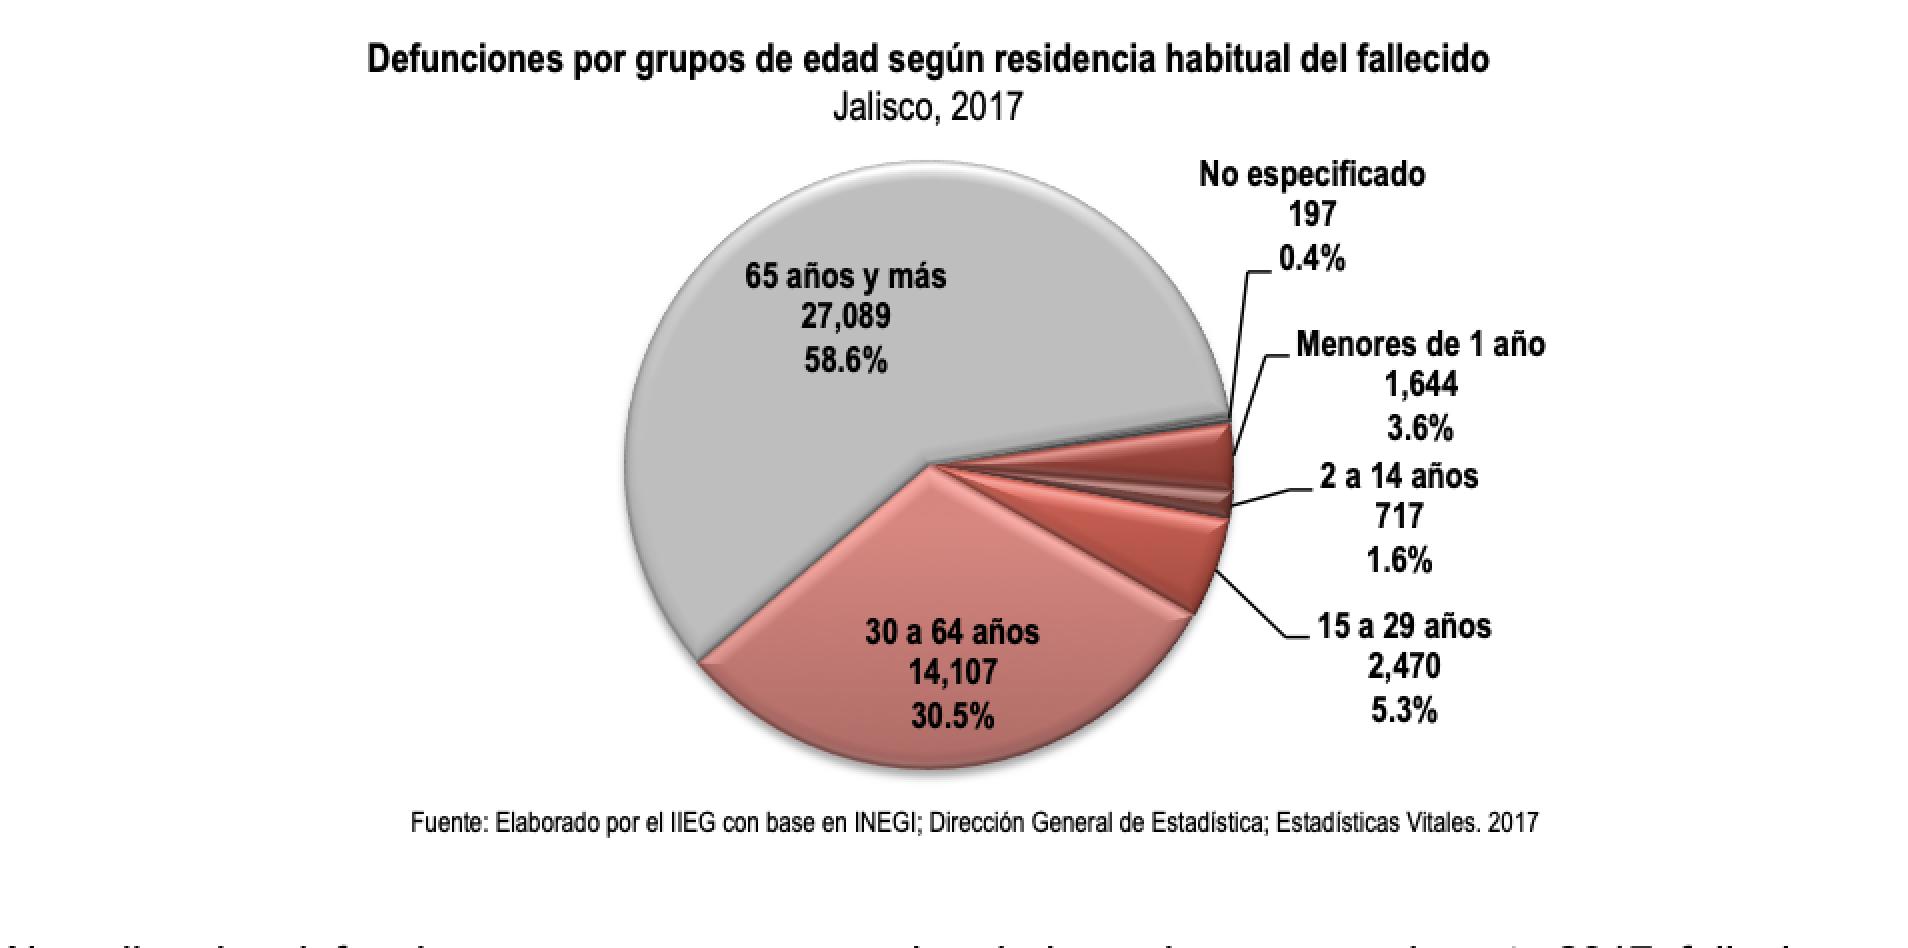 Defunciones por grupos de edad según residencia habitual del fallecido. Jalisco 2017